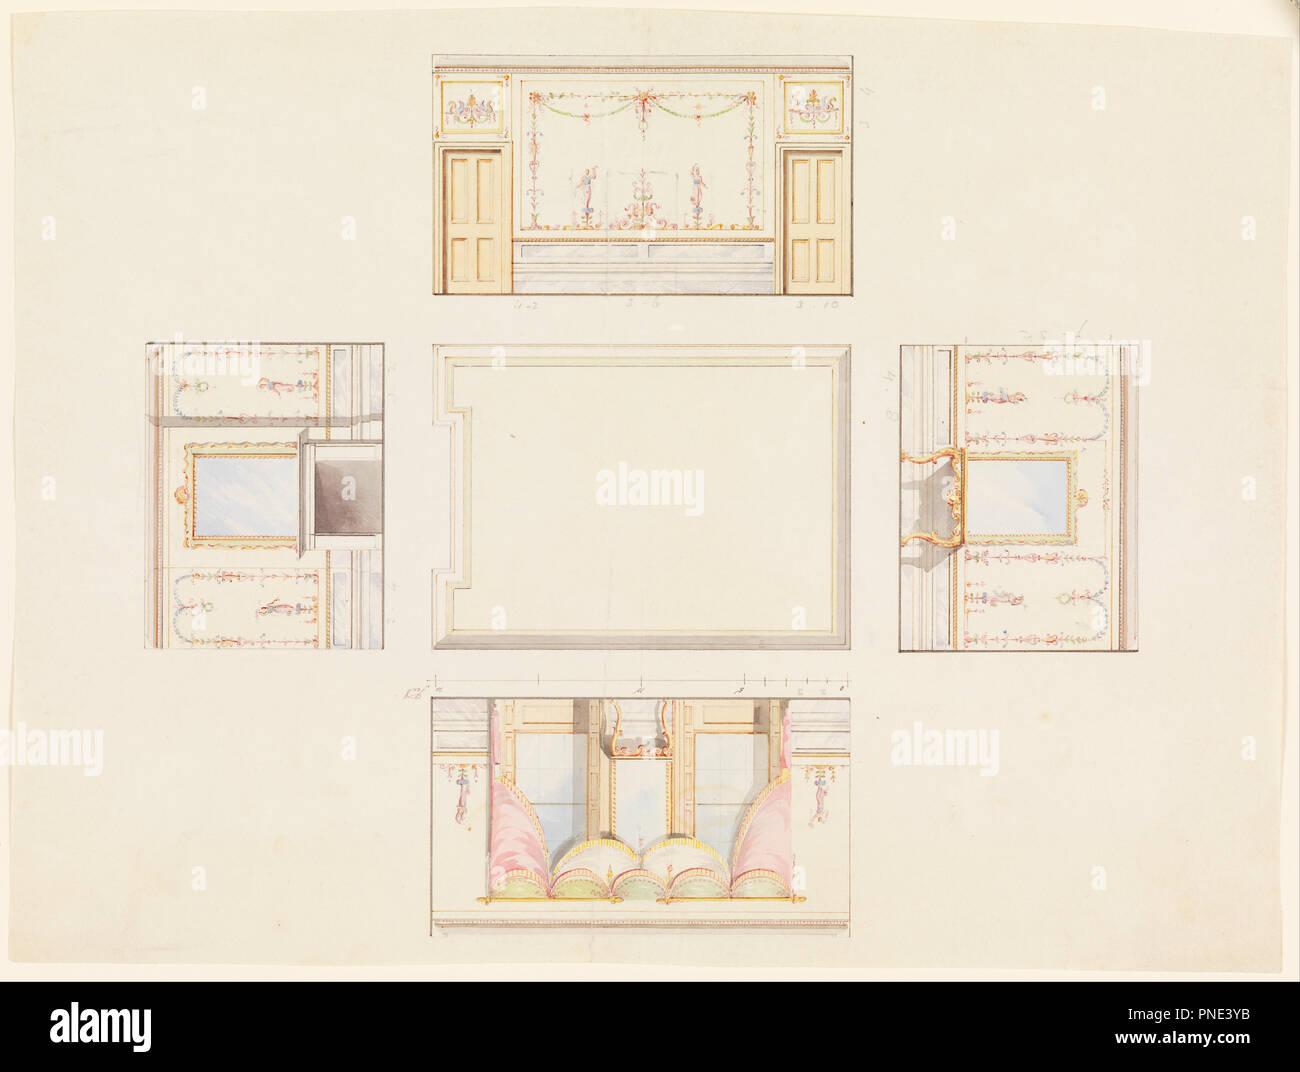 Conception Pour Plafond Et Murs De Chambre. Date/période : 1815 1822.  Dessin. Plume Et Encre Grise, Pinceau Et Aquarelle Sur Papier Vélin Blanc  Cassé.